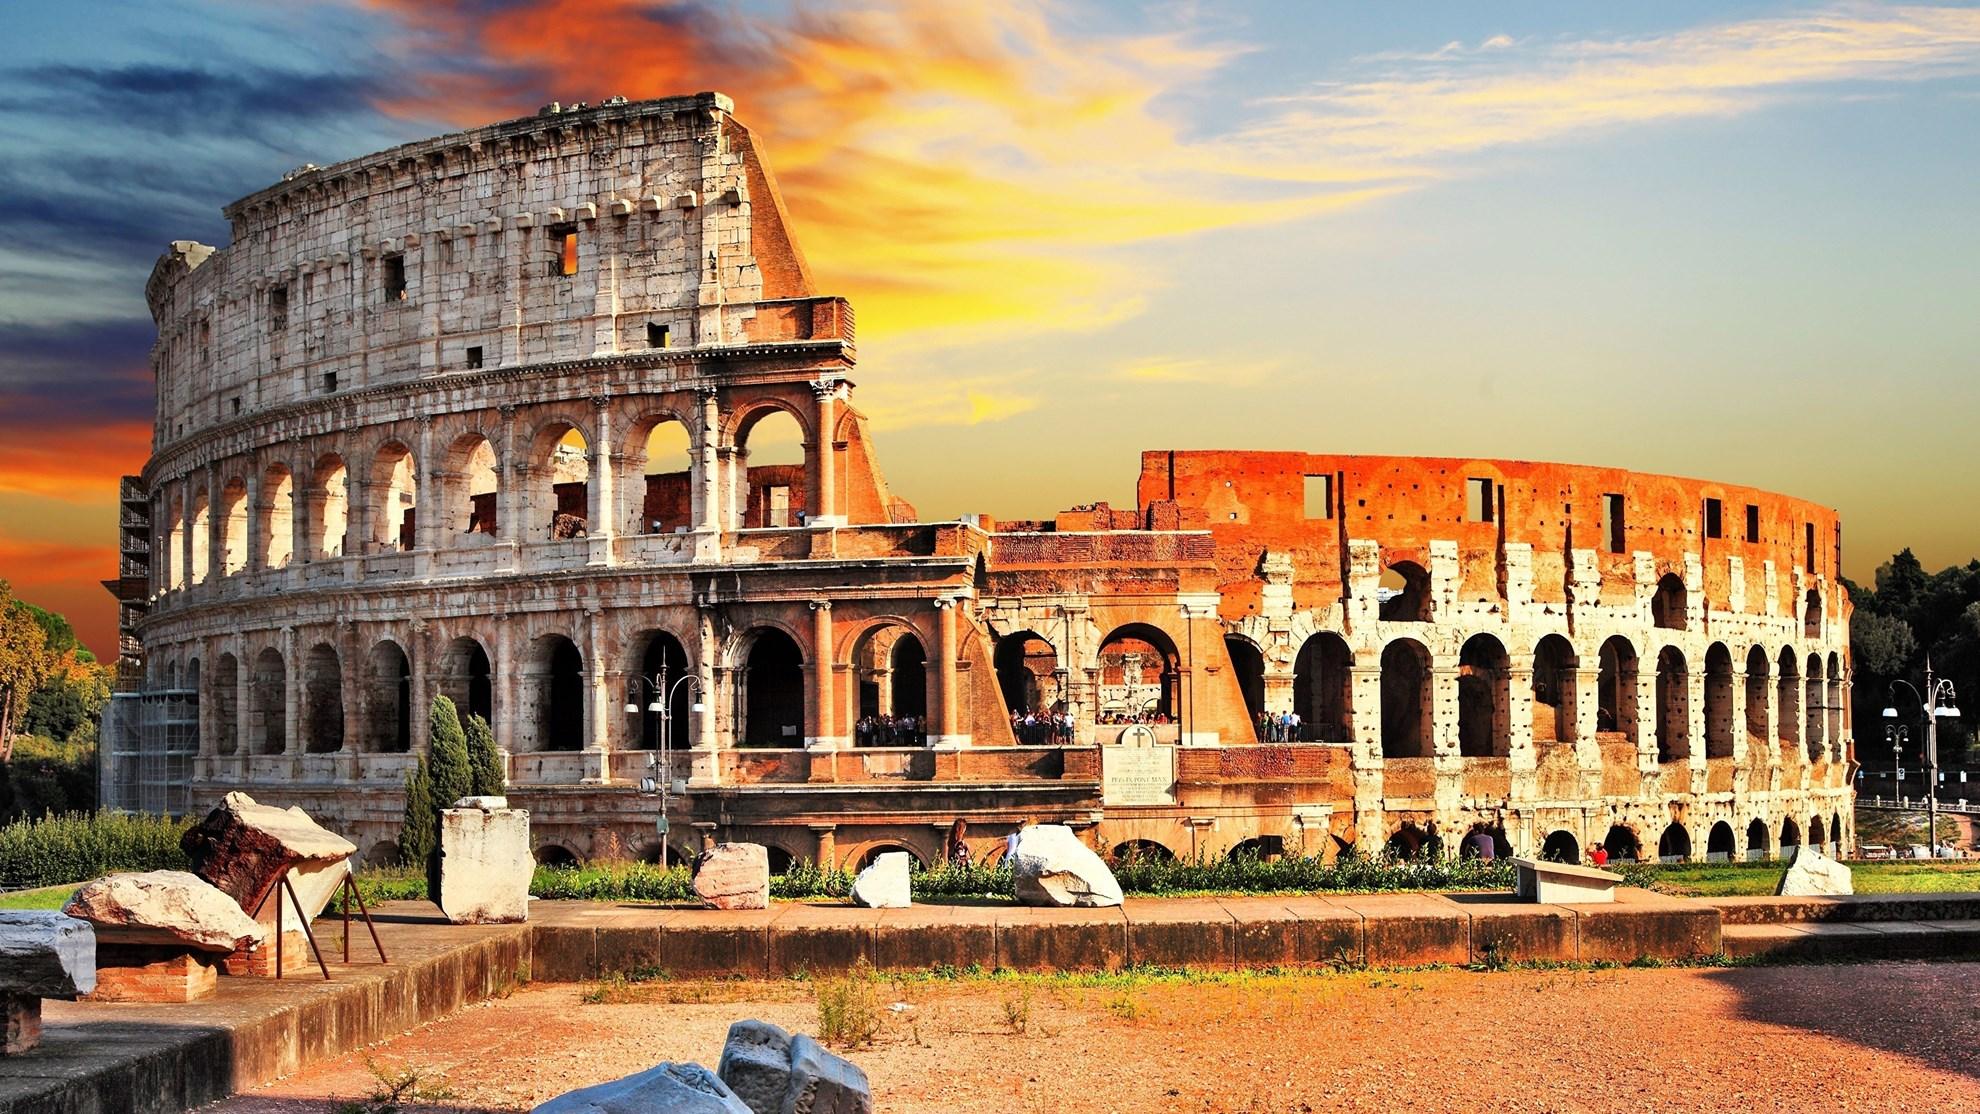 Hình đại điện của danh mục Rome